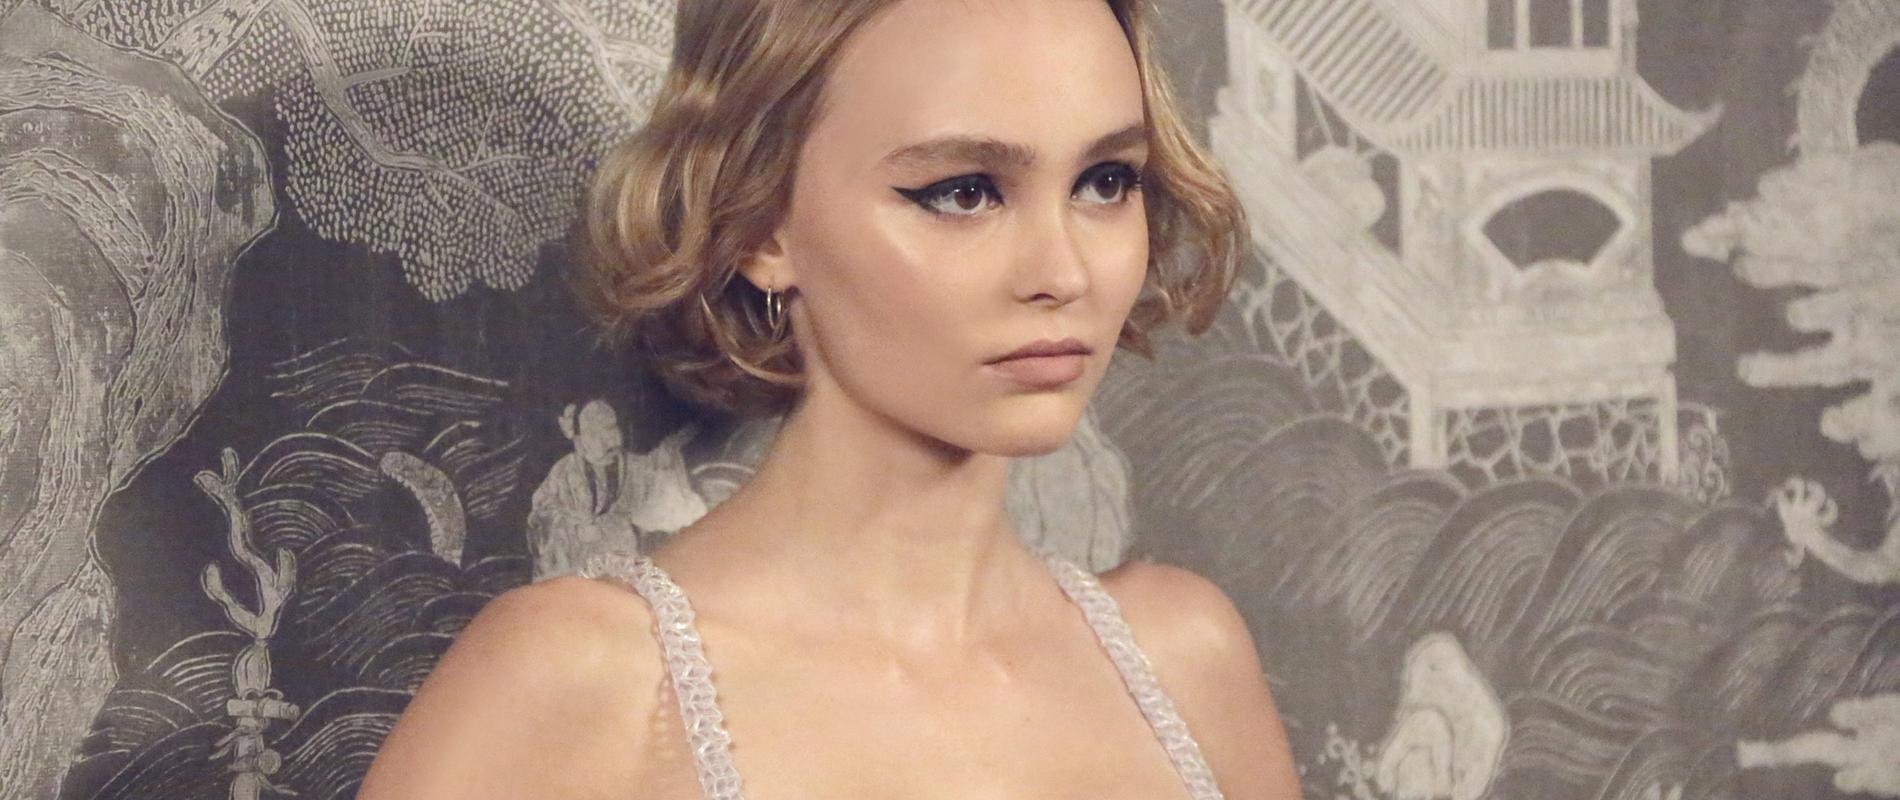 Lily-Rose Depp incarne le visage du nouveau Chanel n° 5, L'Eau